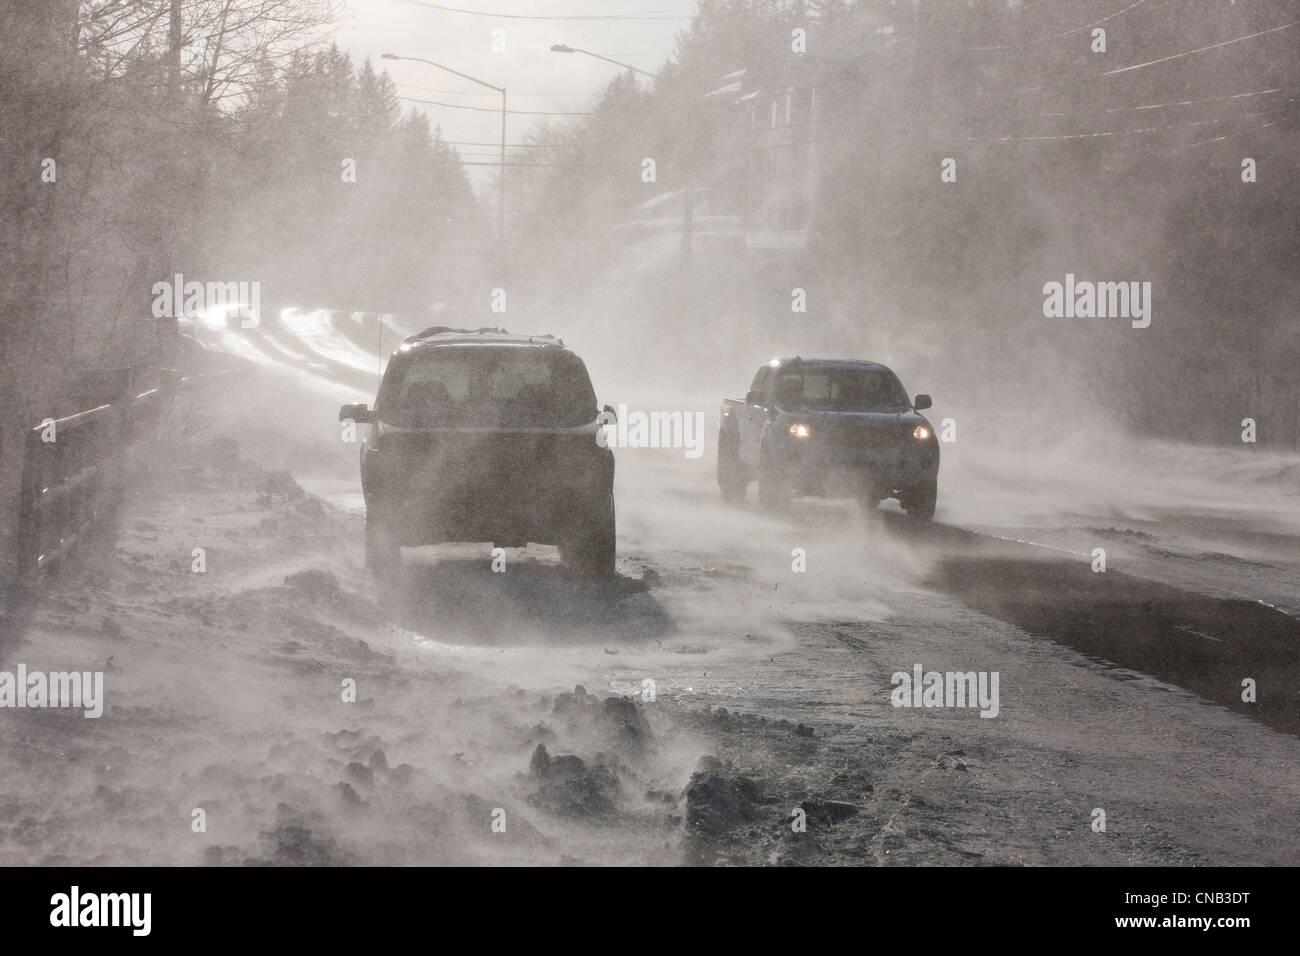 Fahrzeuge fahren auf Douglas Fahrbahn von 70 mph weht Wind und Schnee, Juneau, südöstlichen Alaska Winter Stockbild